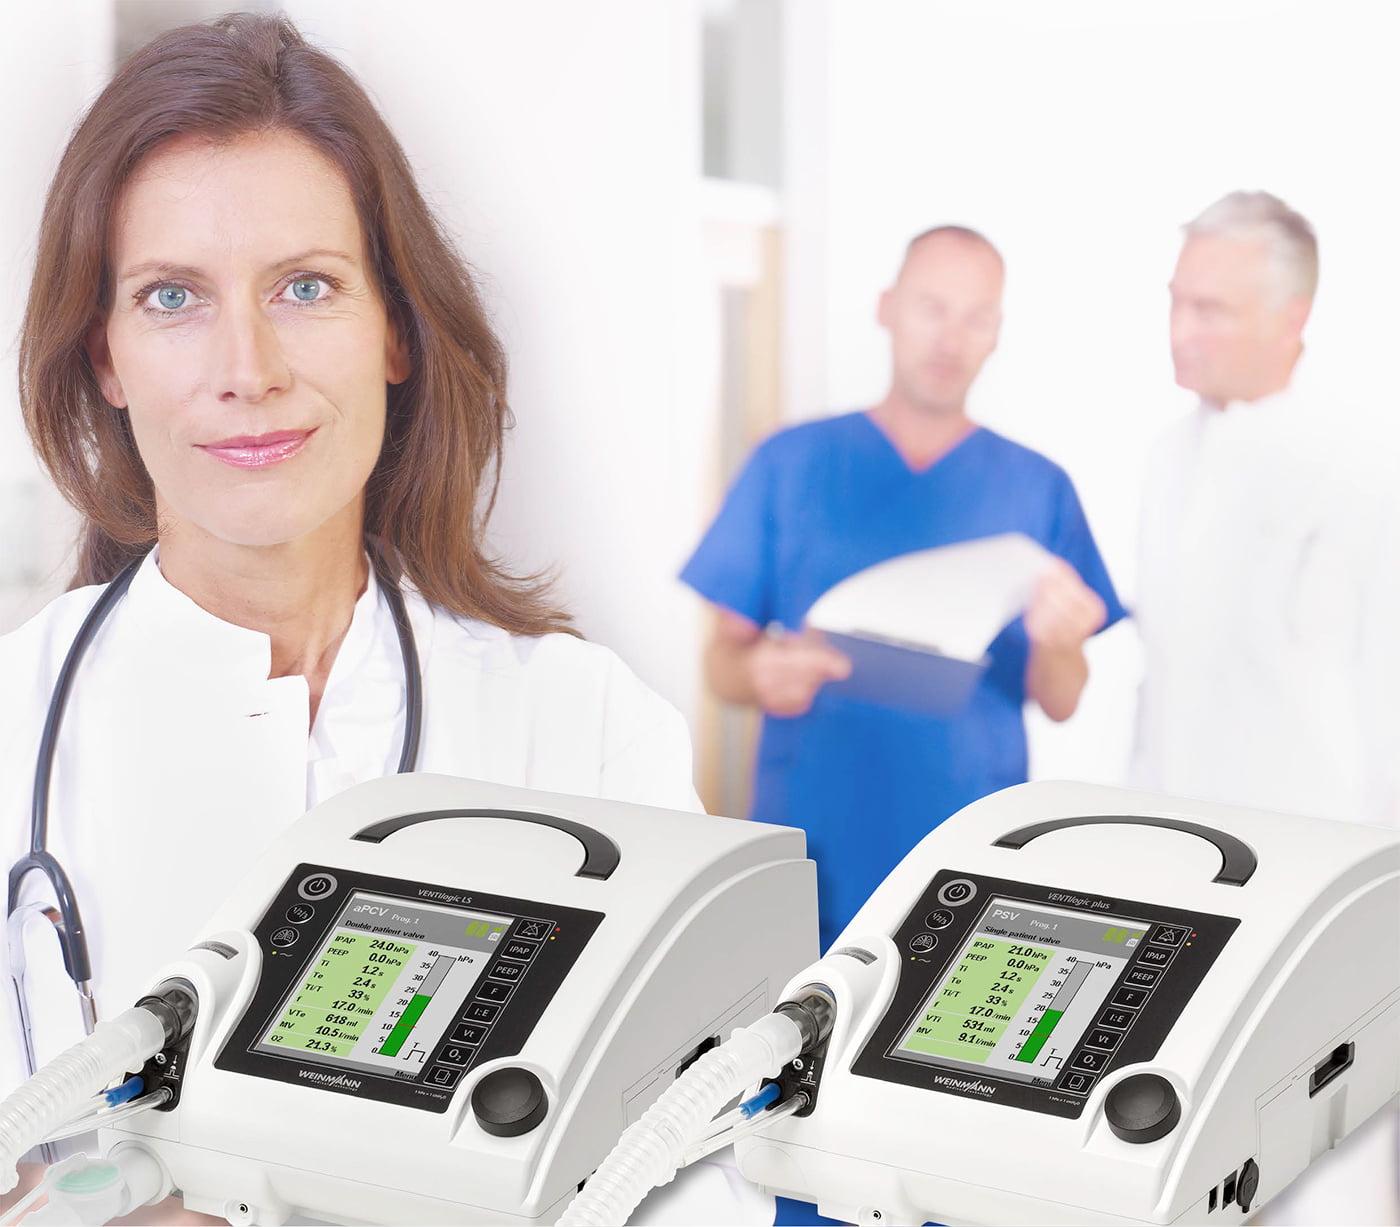 Быстрый и простой путь к идеальным параметрам терапии – с инновационными функциями от Löwenstein Medical